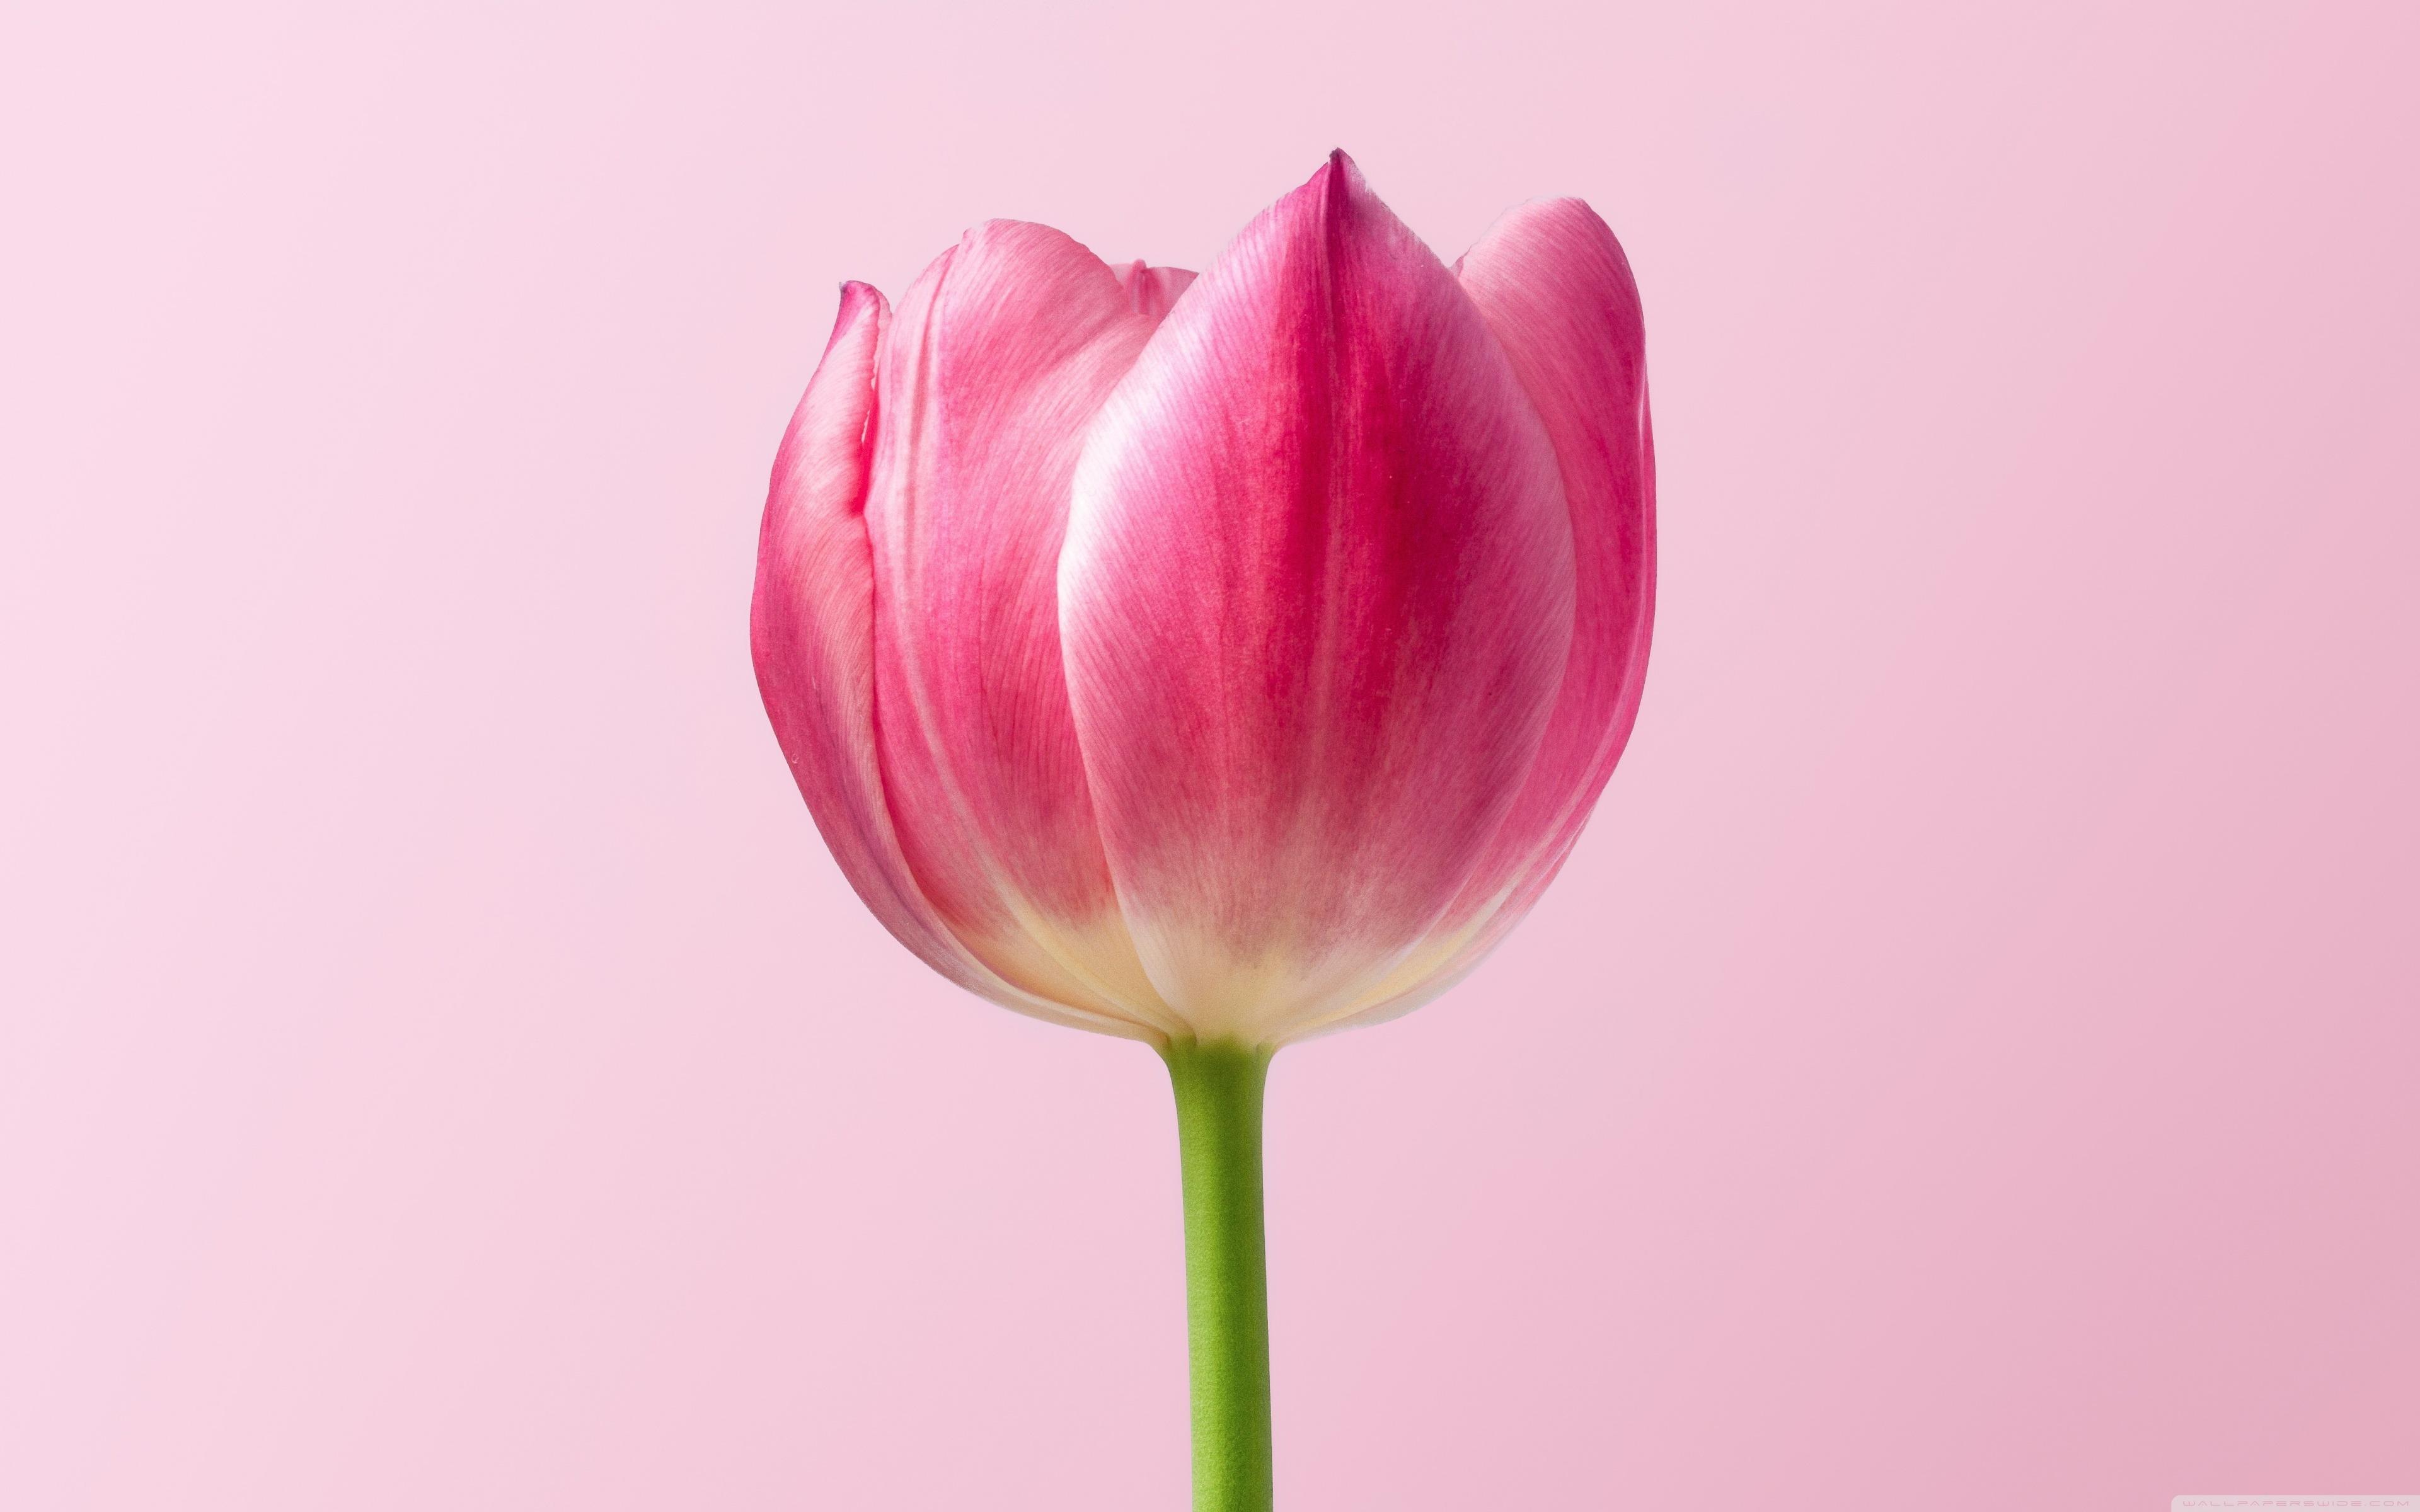 tải ảnh hoa tulip đẹp nhất